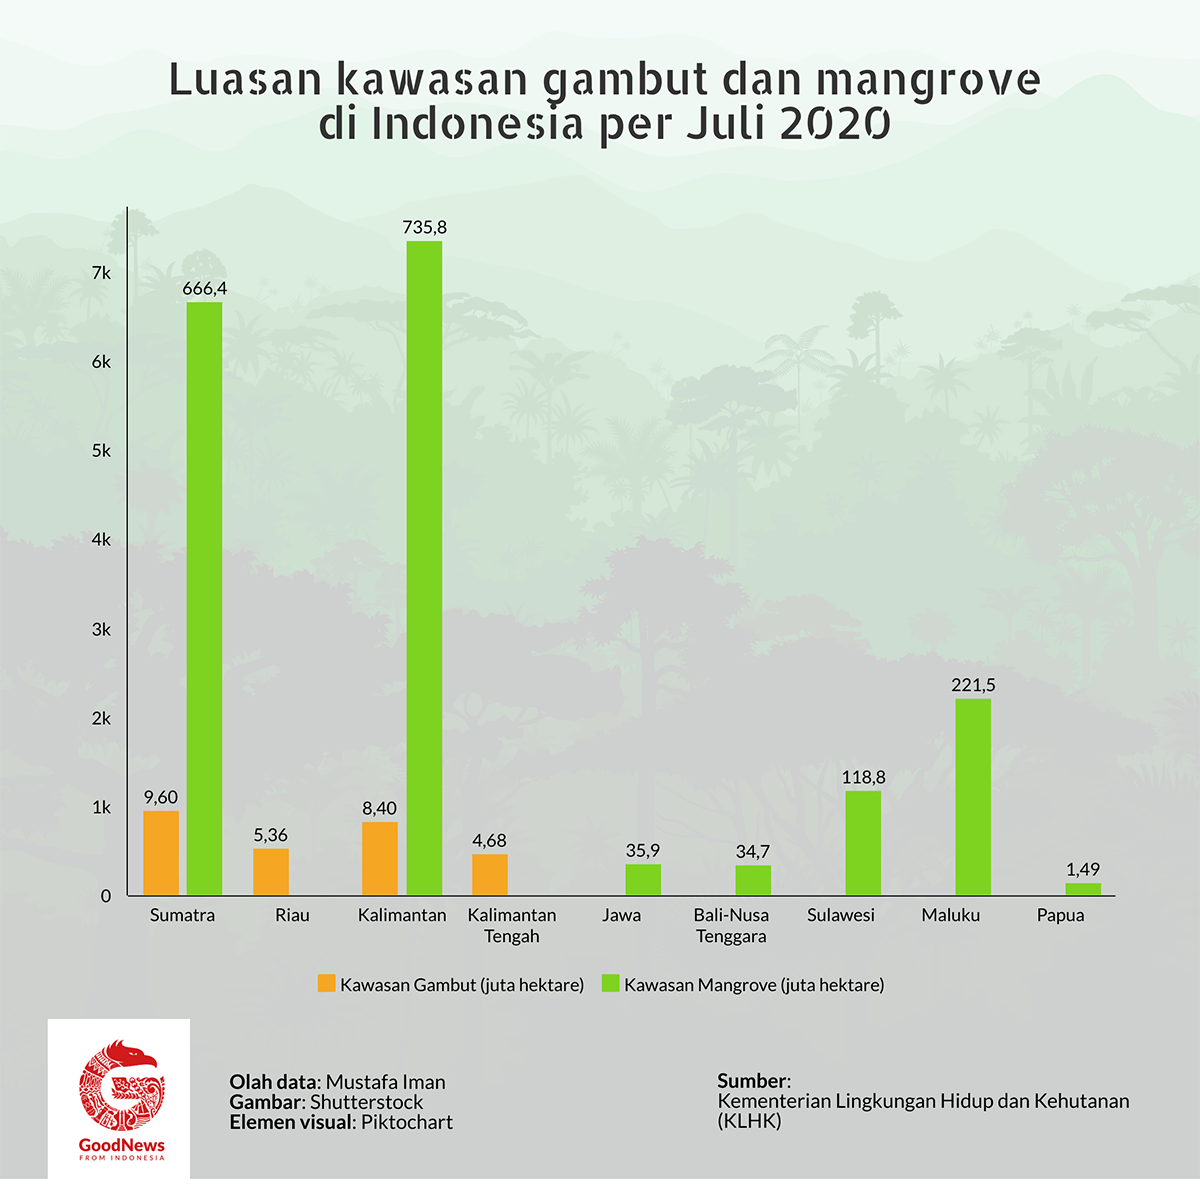 Luasan lahan gambut dan mangrove di Indonesia